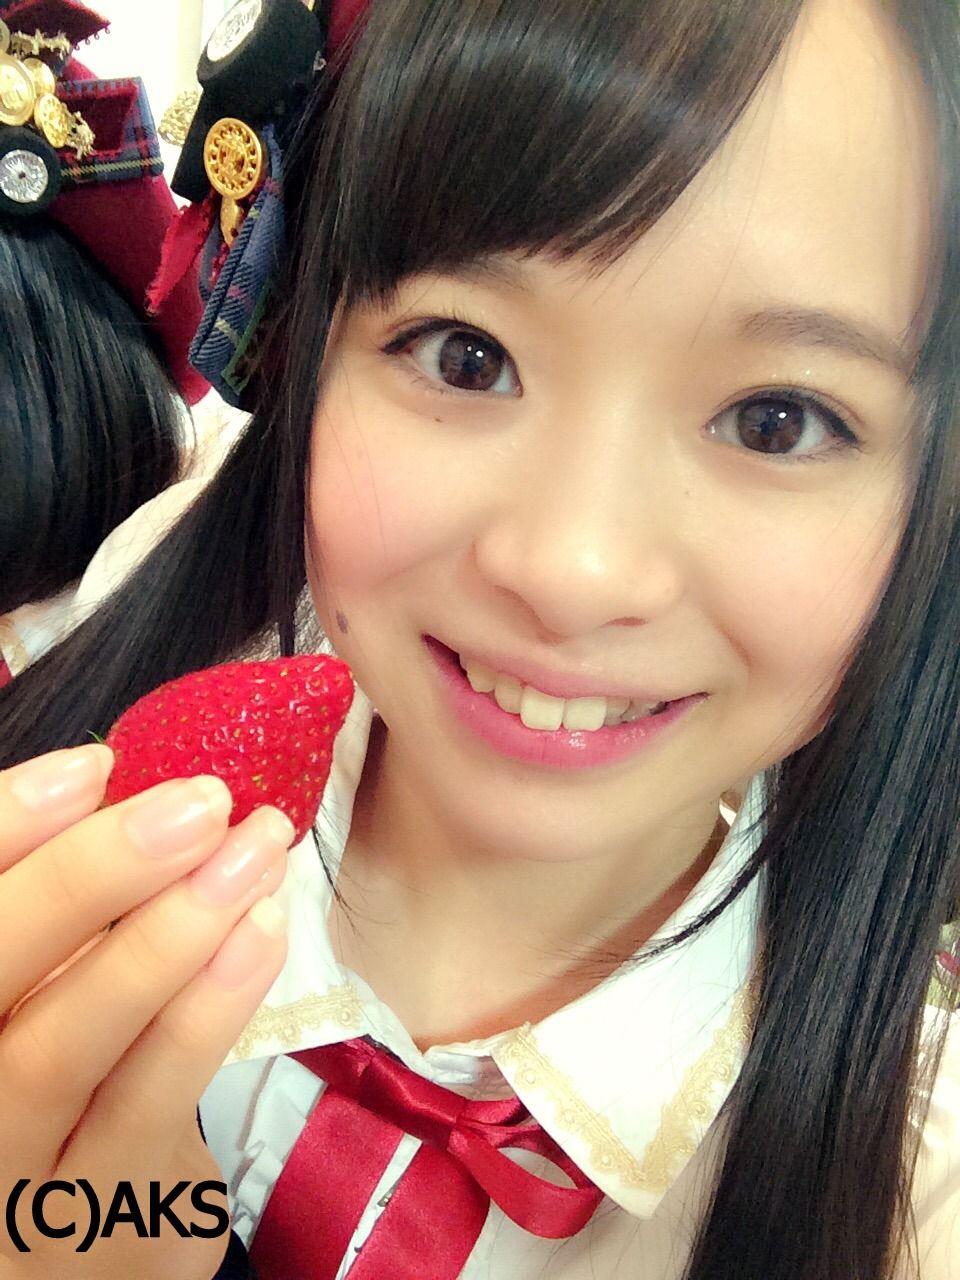 髪のアクセサリーが素敵な倉野尾成美さん